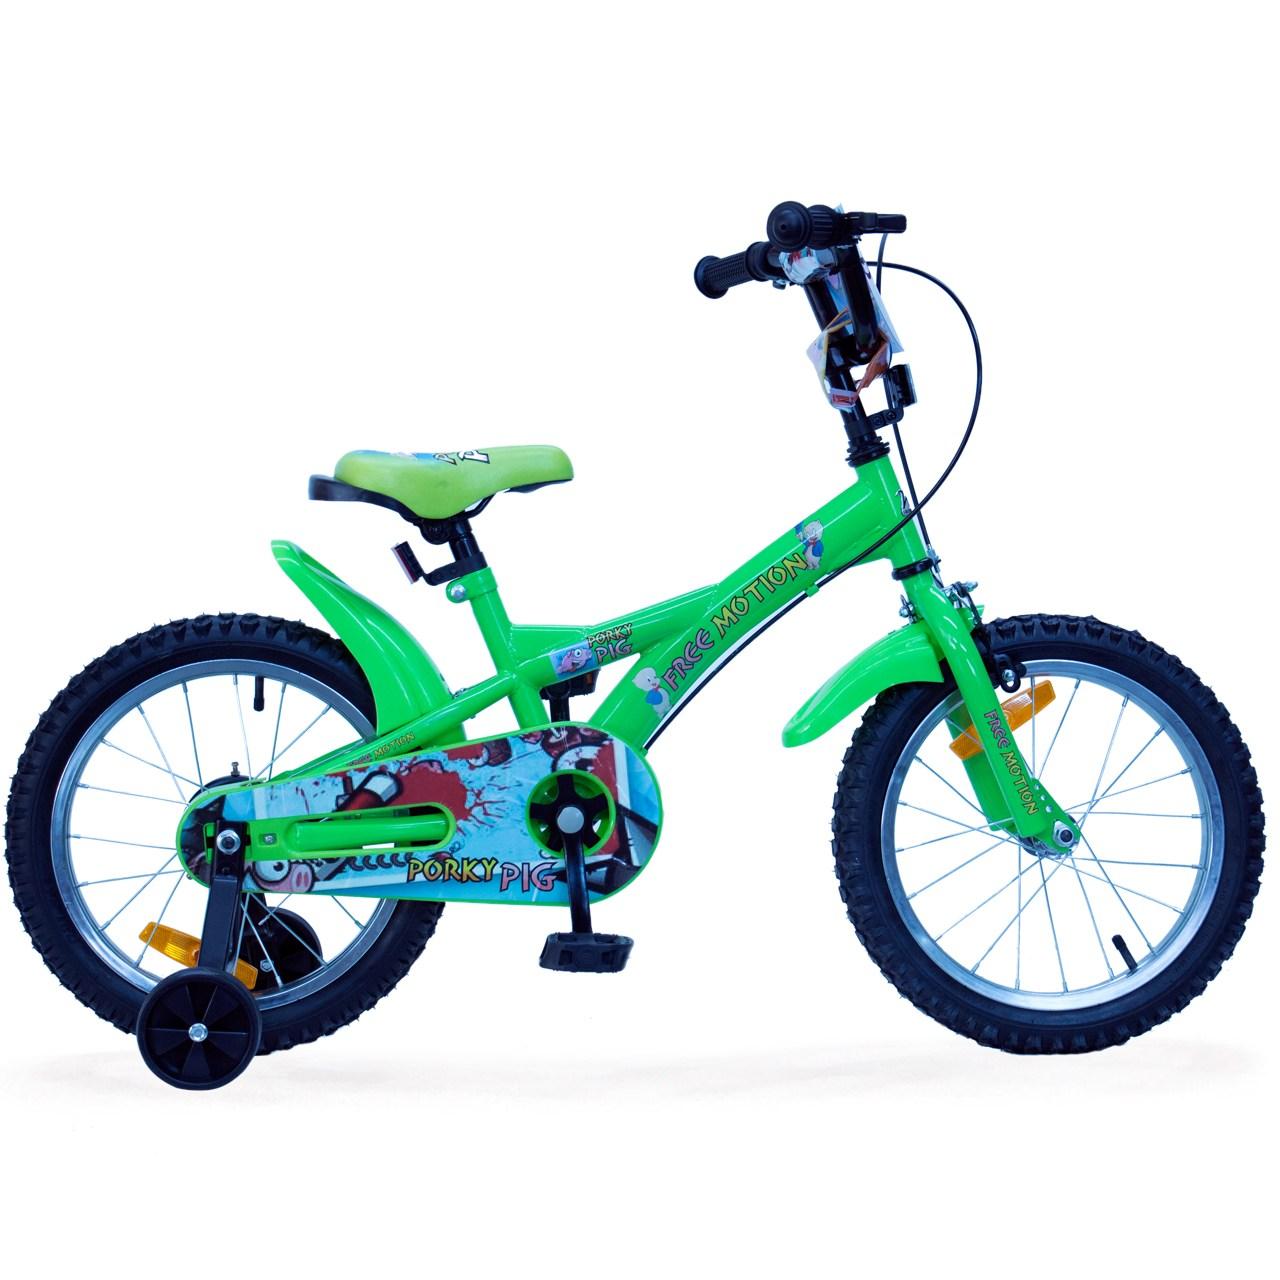 دوچرخه شهری فری موشن پورکی پیگ سایز16 Freemotion Porky Pig Urban